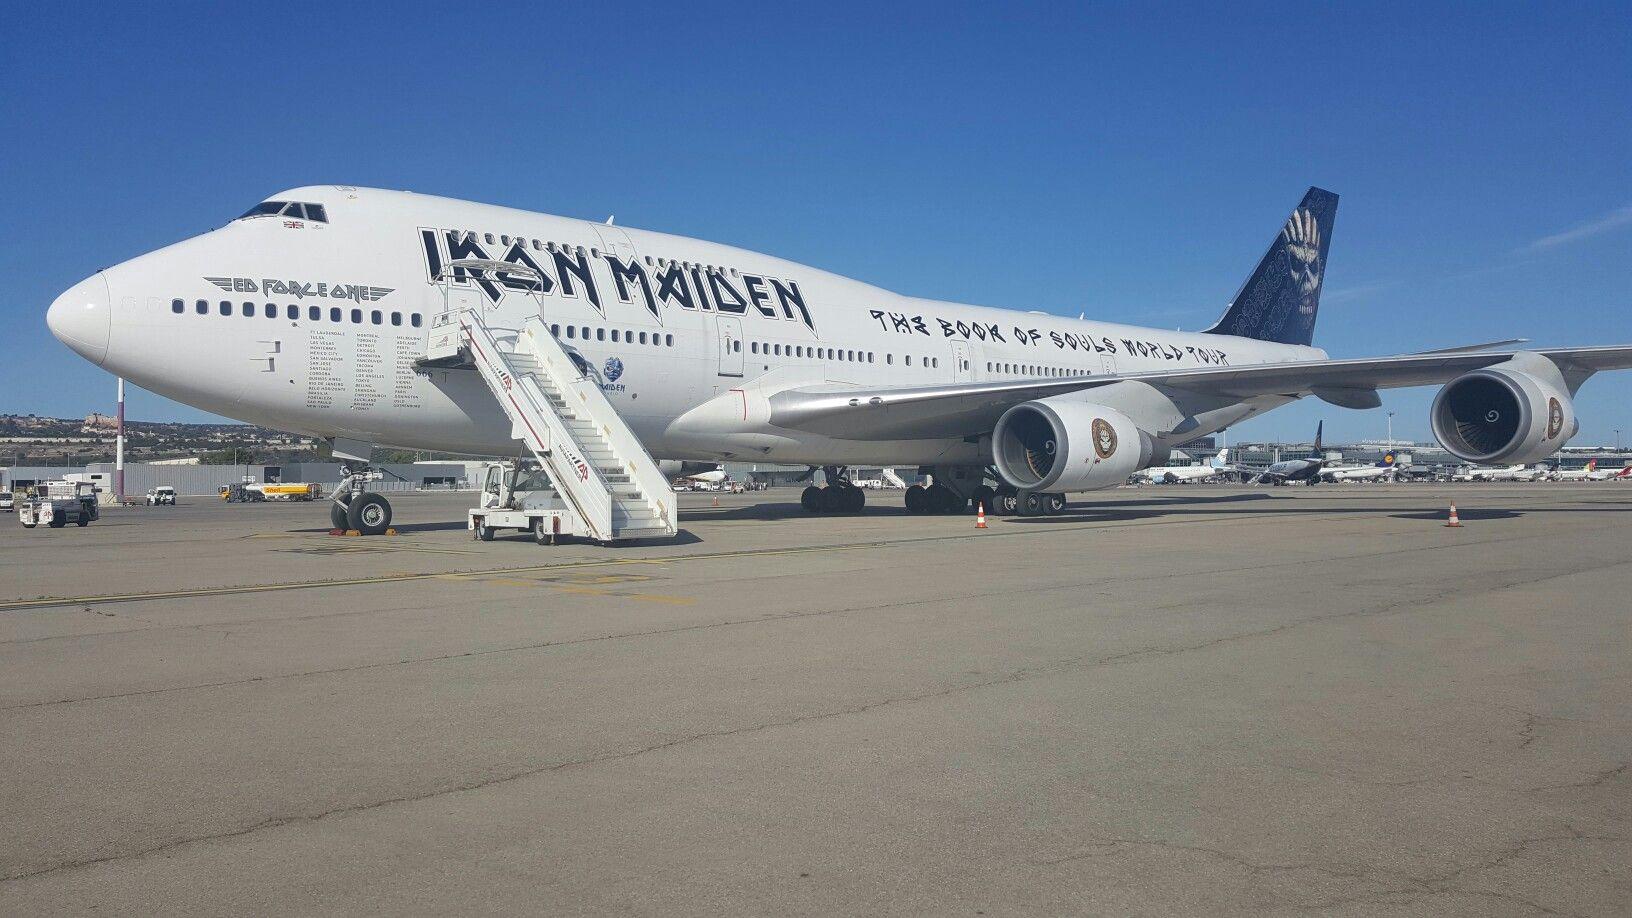 iron maiden plane avion | avion plane iron maiden | pinterest | iron